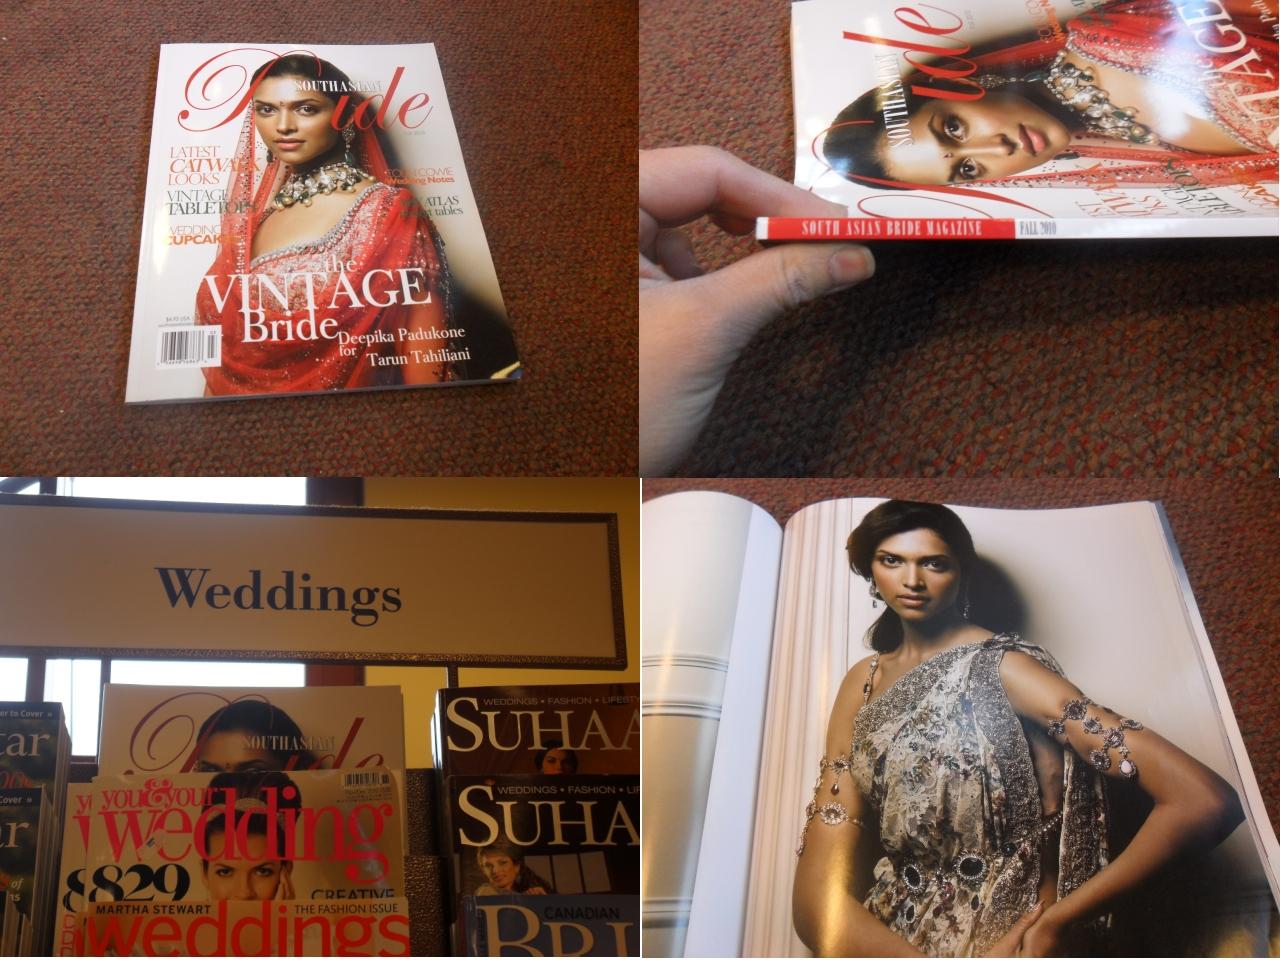 http://1.bp.blogspot.com/_Kt70zCHYQmg/TQ_JIpObP6I/AAAAAAAABHM/6CDKvS2CRdk/s1600/southasianbride+at+chapters.jpg